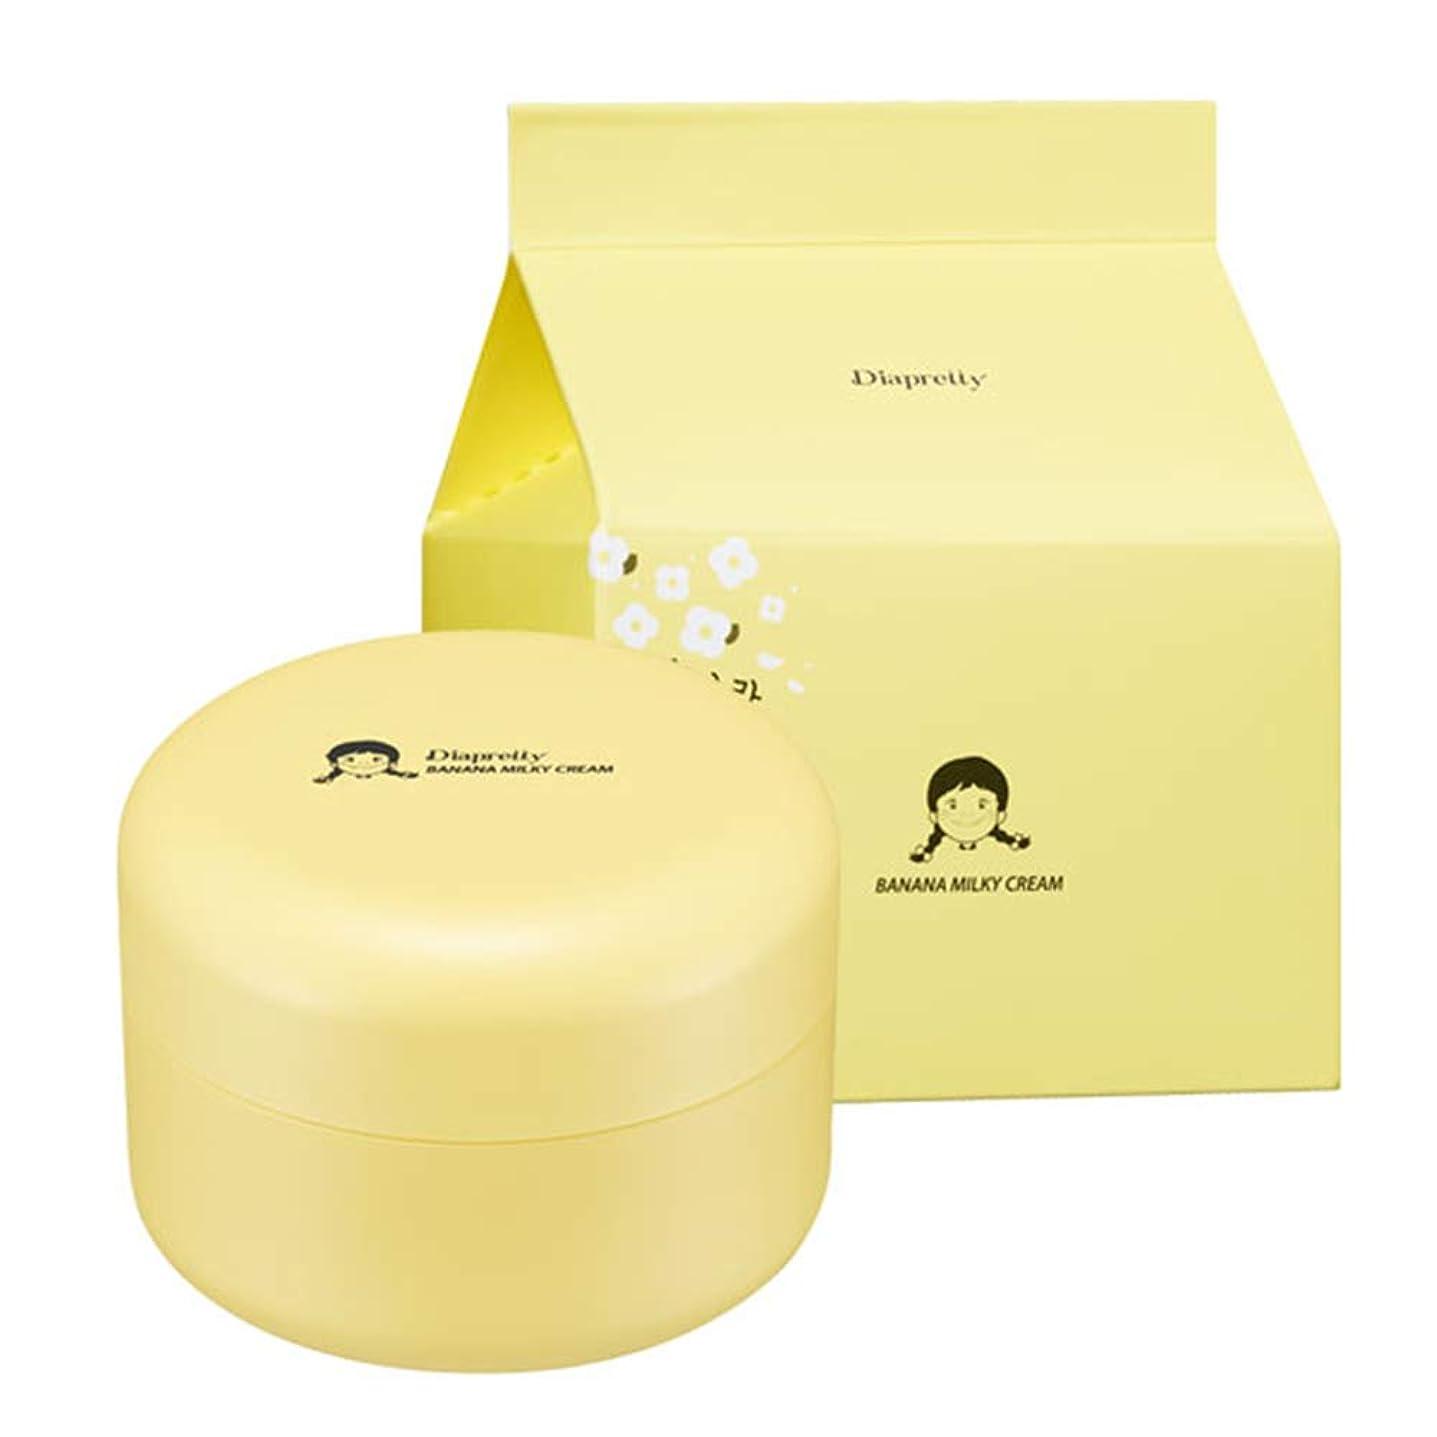 デコラティブ関係する洗う[ダイアプリティ] バナナ ミルキークリーム 50ml, [Diapretty]Banana Milky Cream 50ml